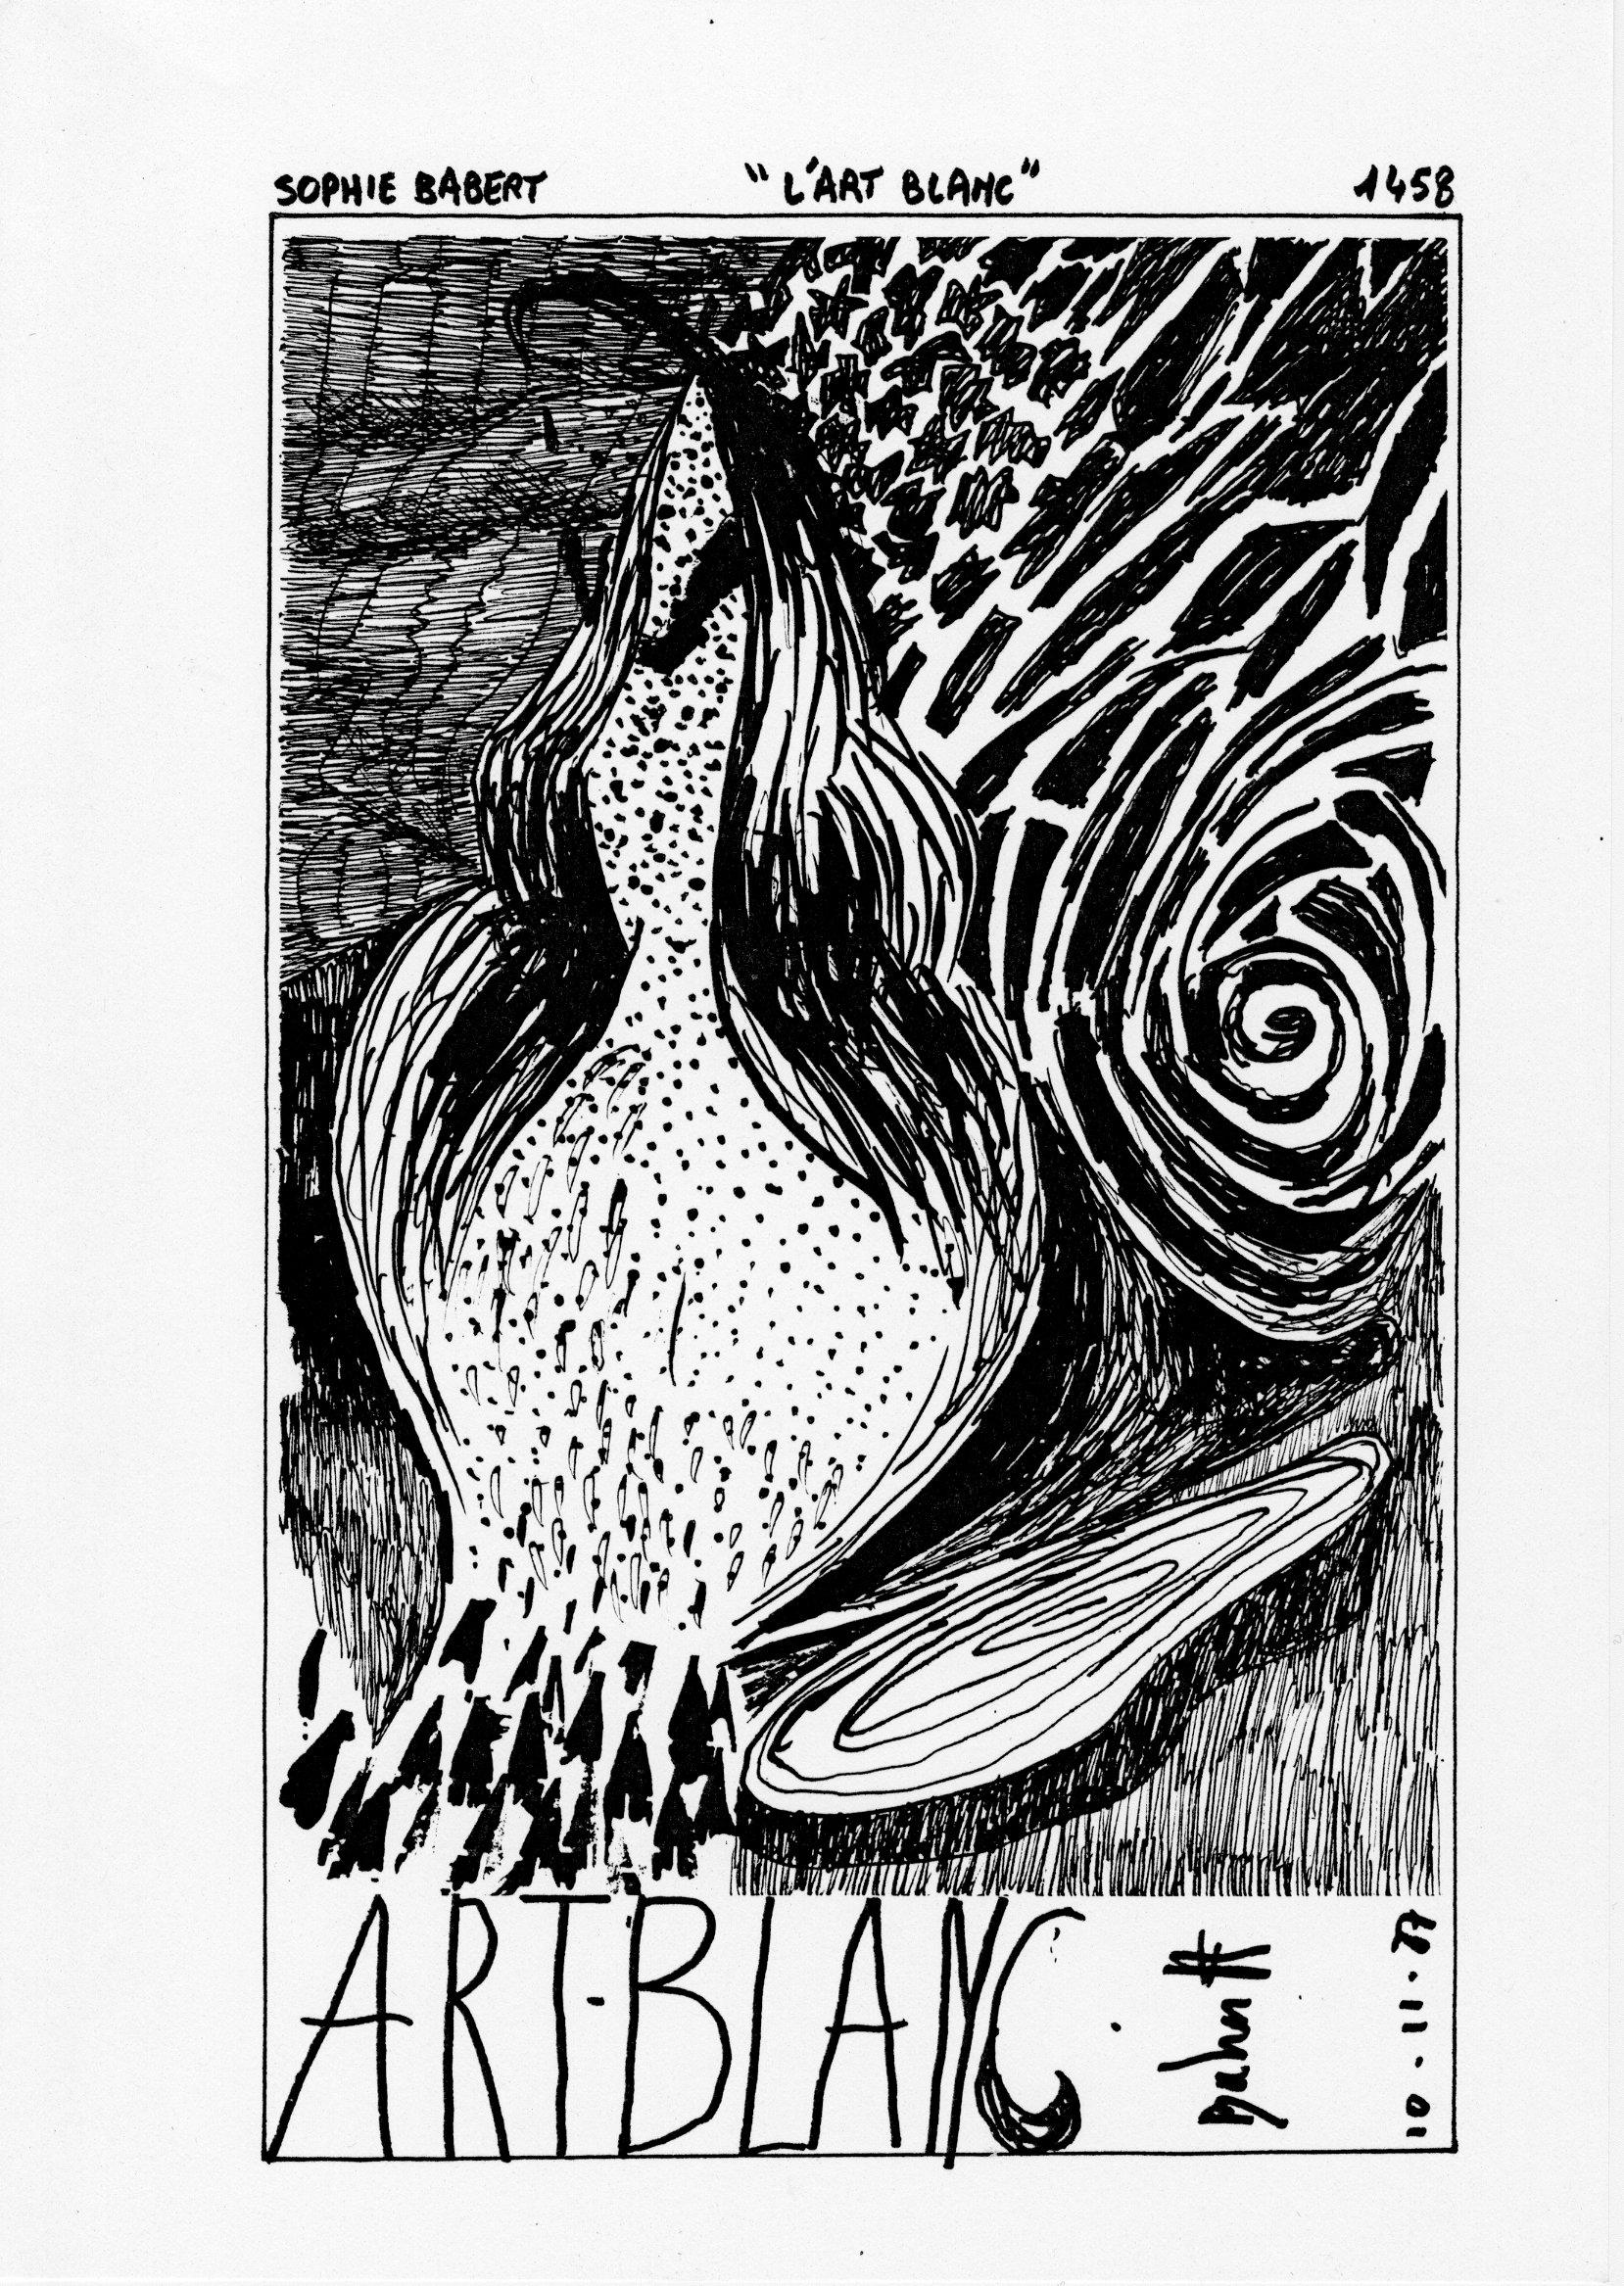 page 1458 S. Babert L'ART BLANC